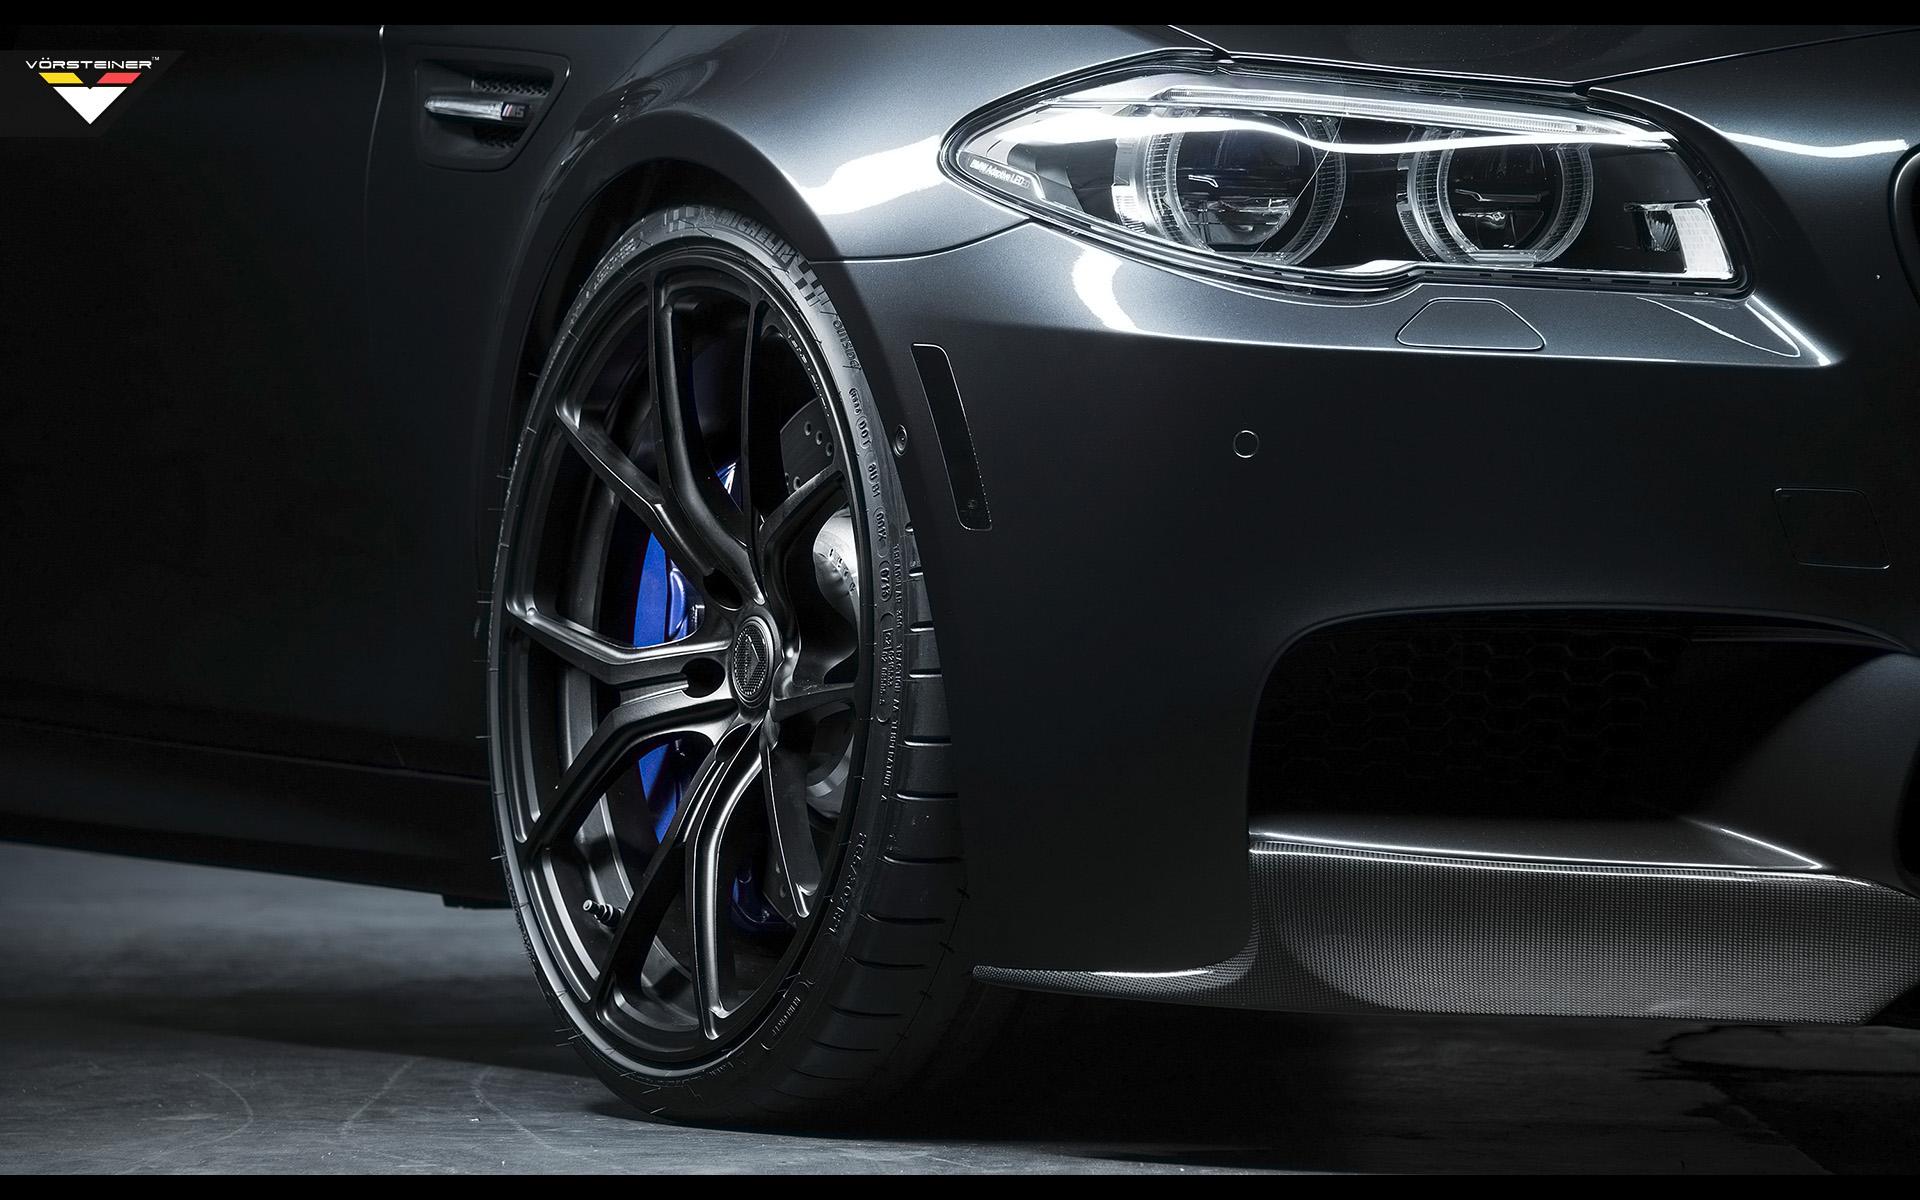 2014 Vorsteiner BMW F10 M5 m-5 tuning wheel d wallpaper ...